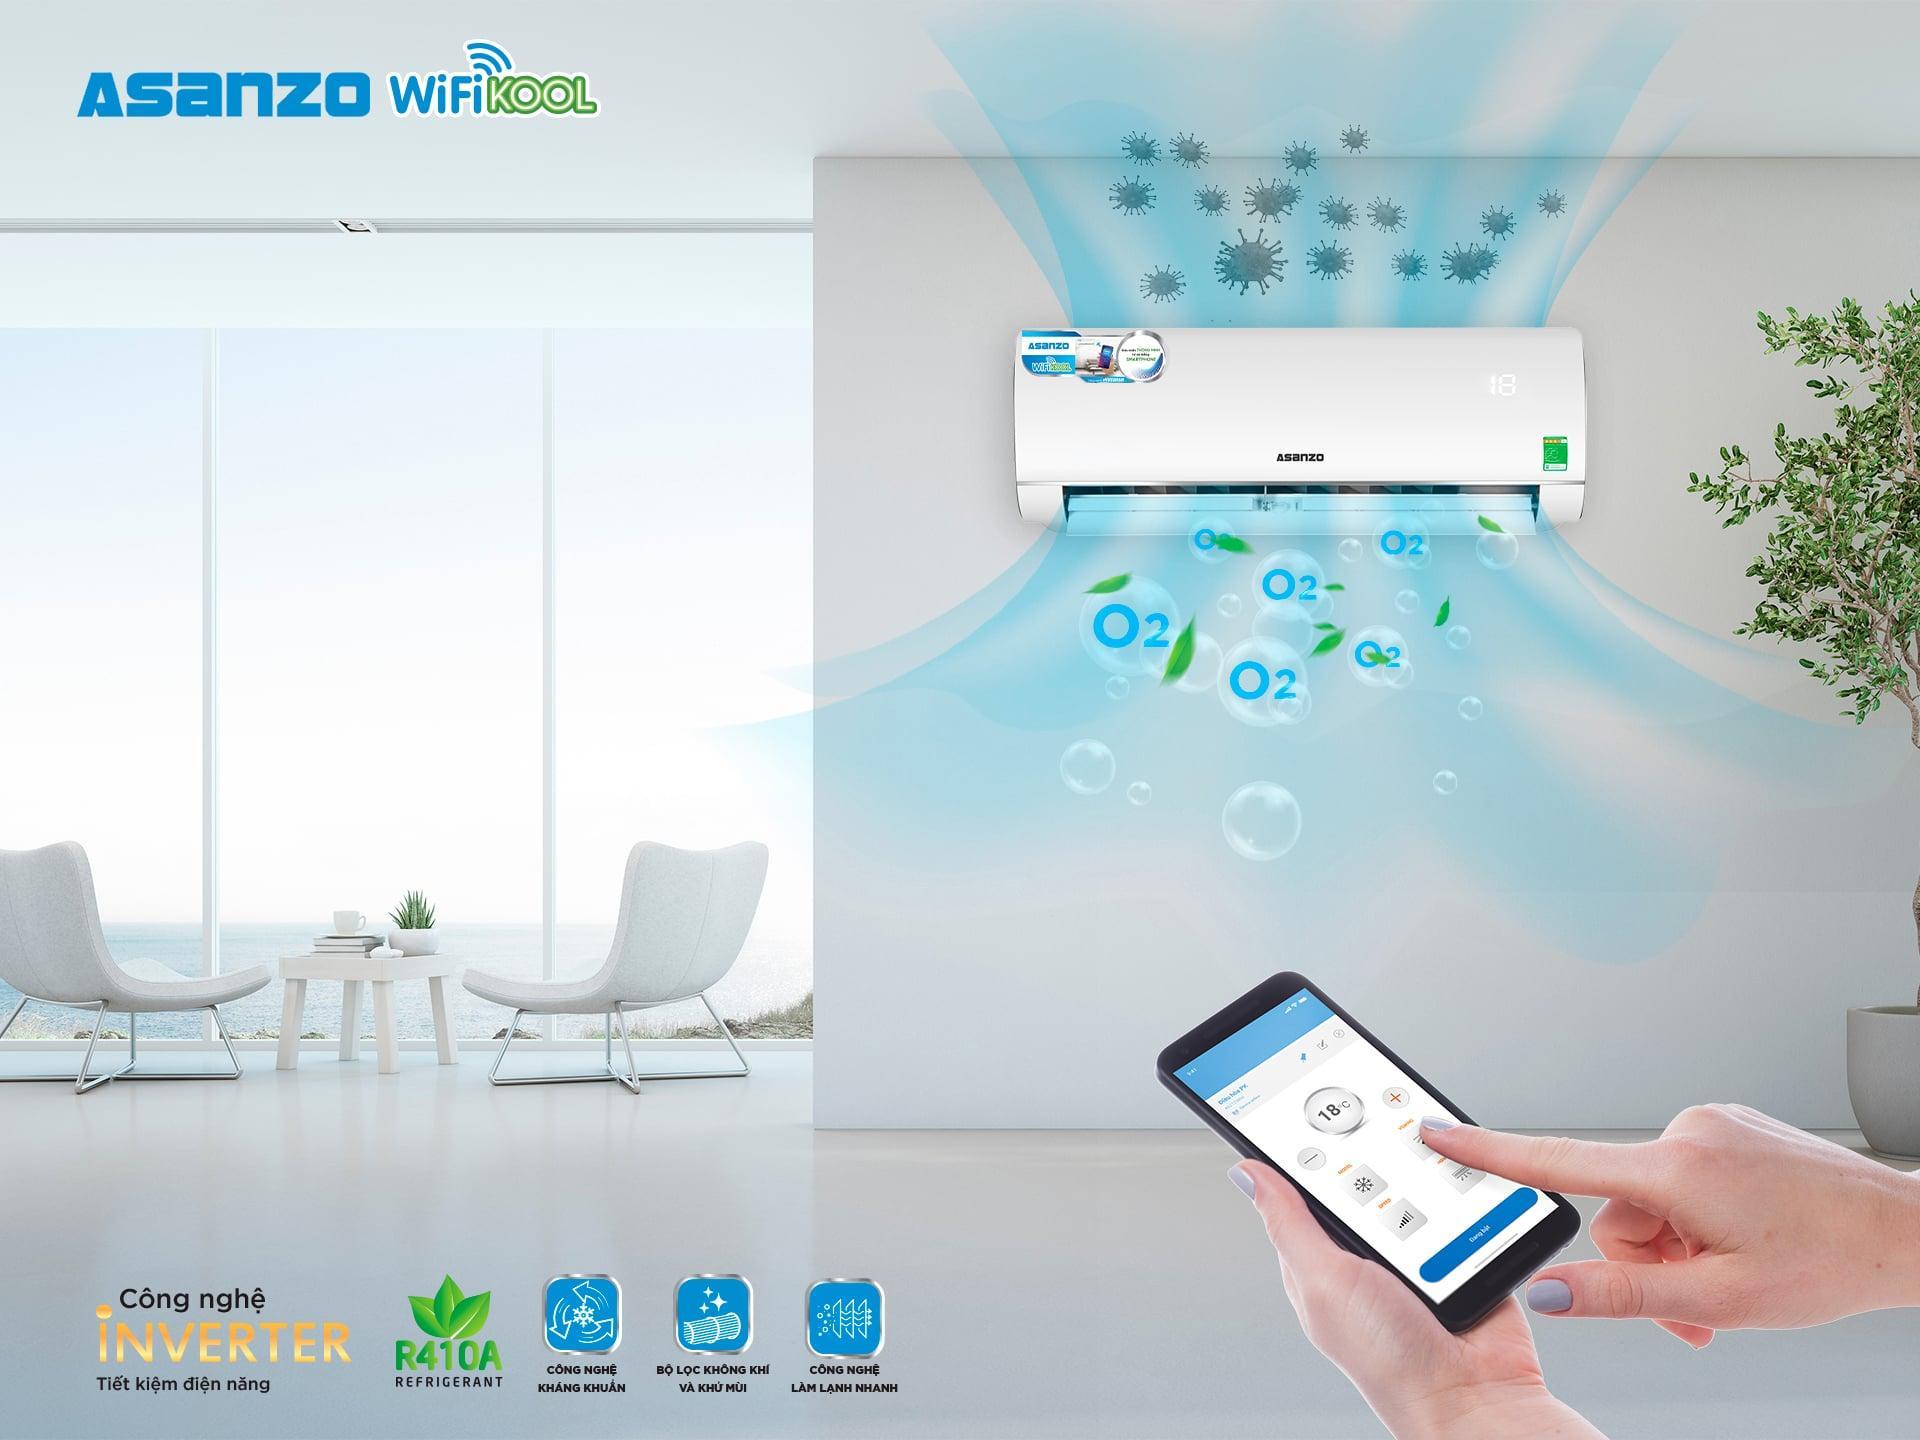 Asanzo ra mắt điều hòa WifiKool dùng nền tảng smarthome ASG Home